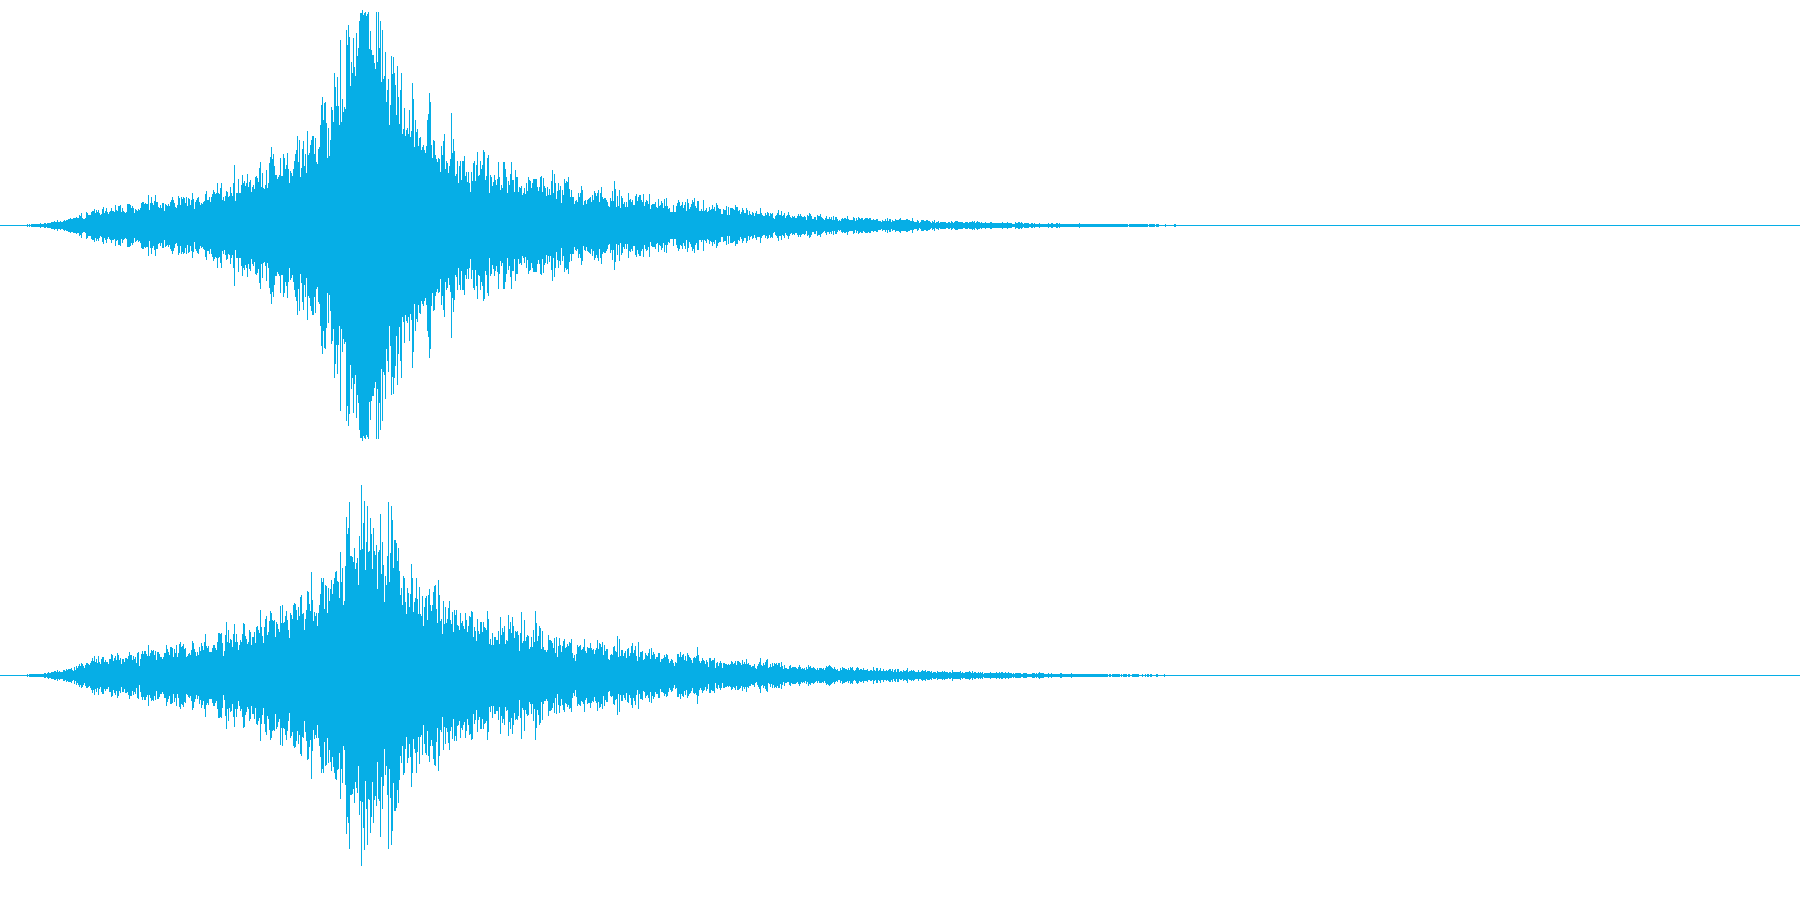 宇宙船・飛翔体#4通過 中央の再生済みの波形